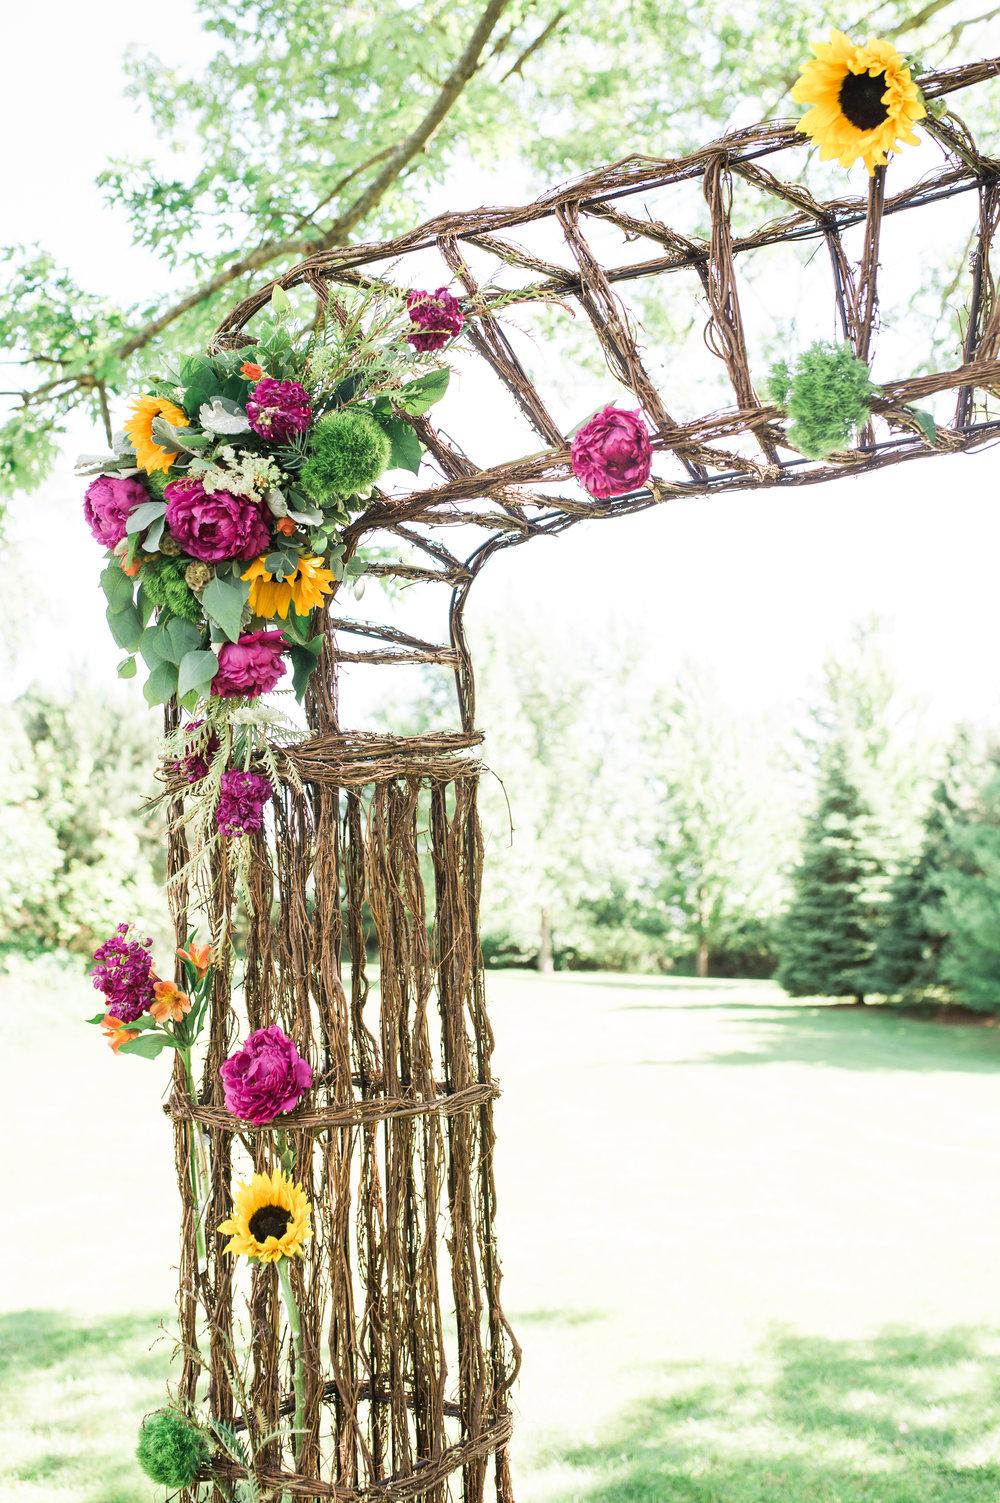 Bonphotage Chicago Fine Art Wedding Photography - Lake Geneva